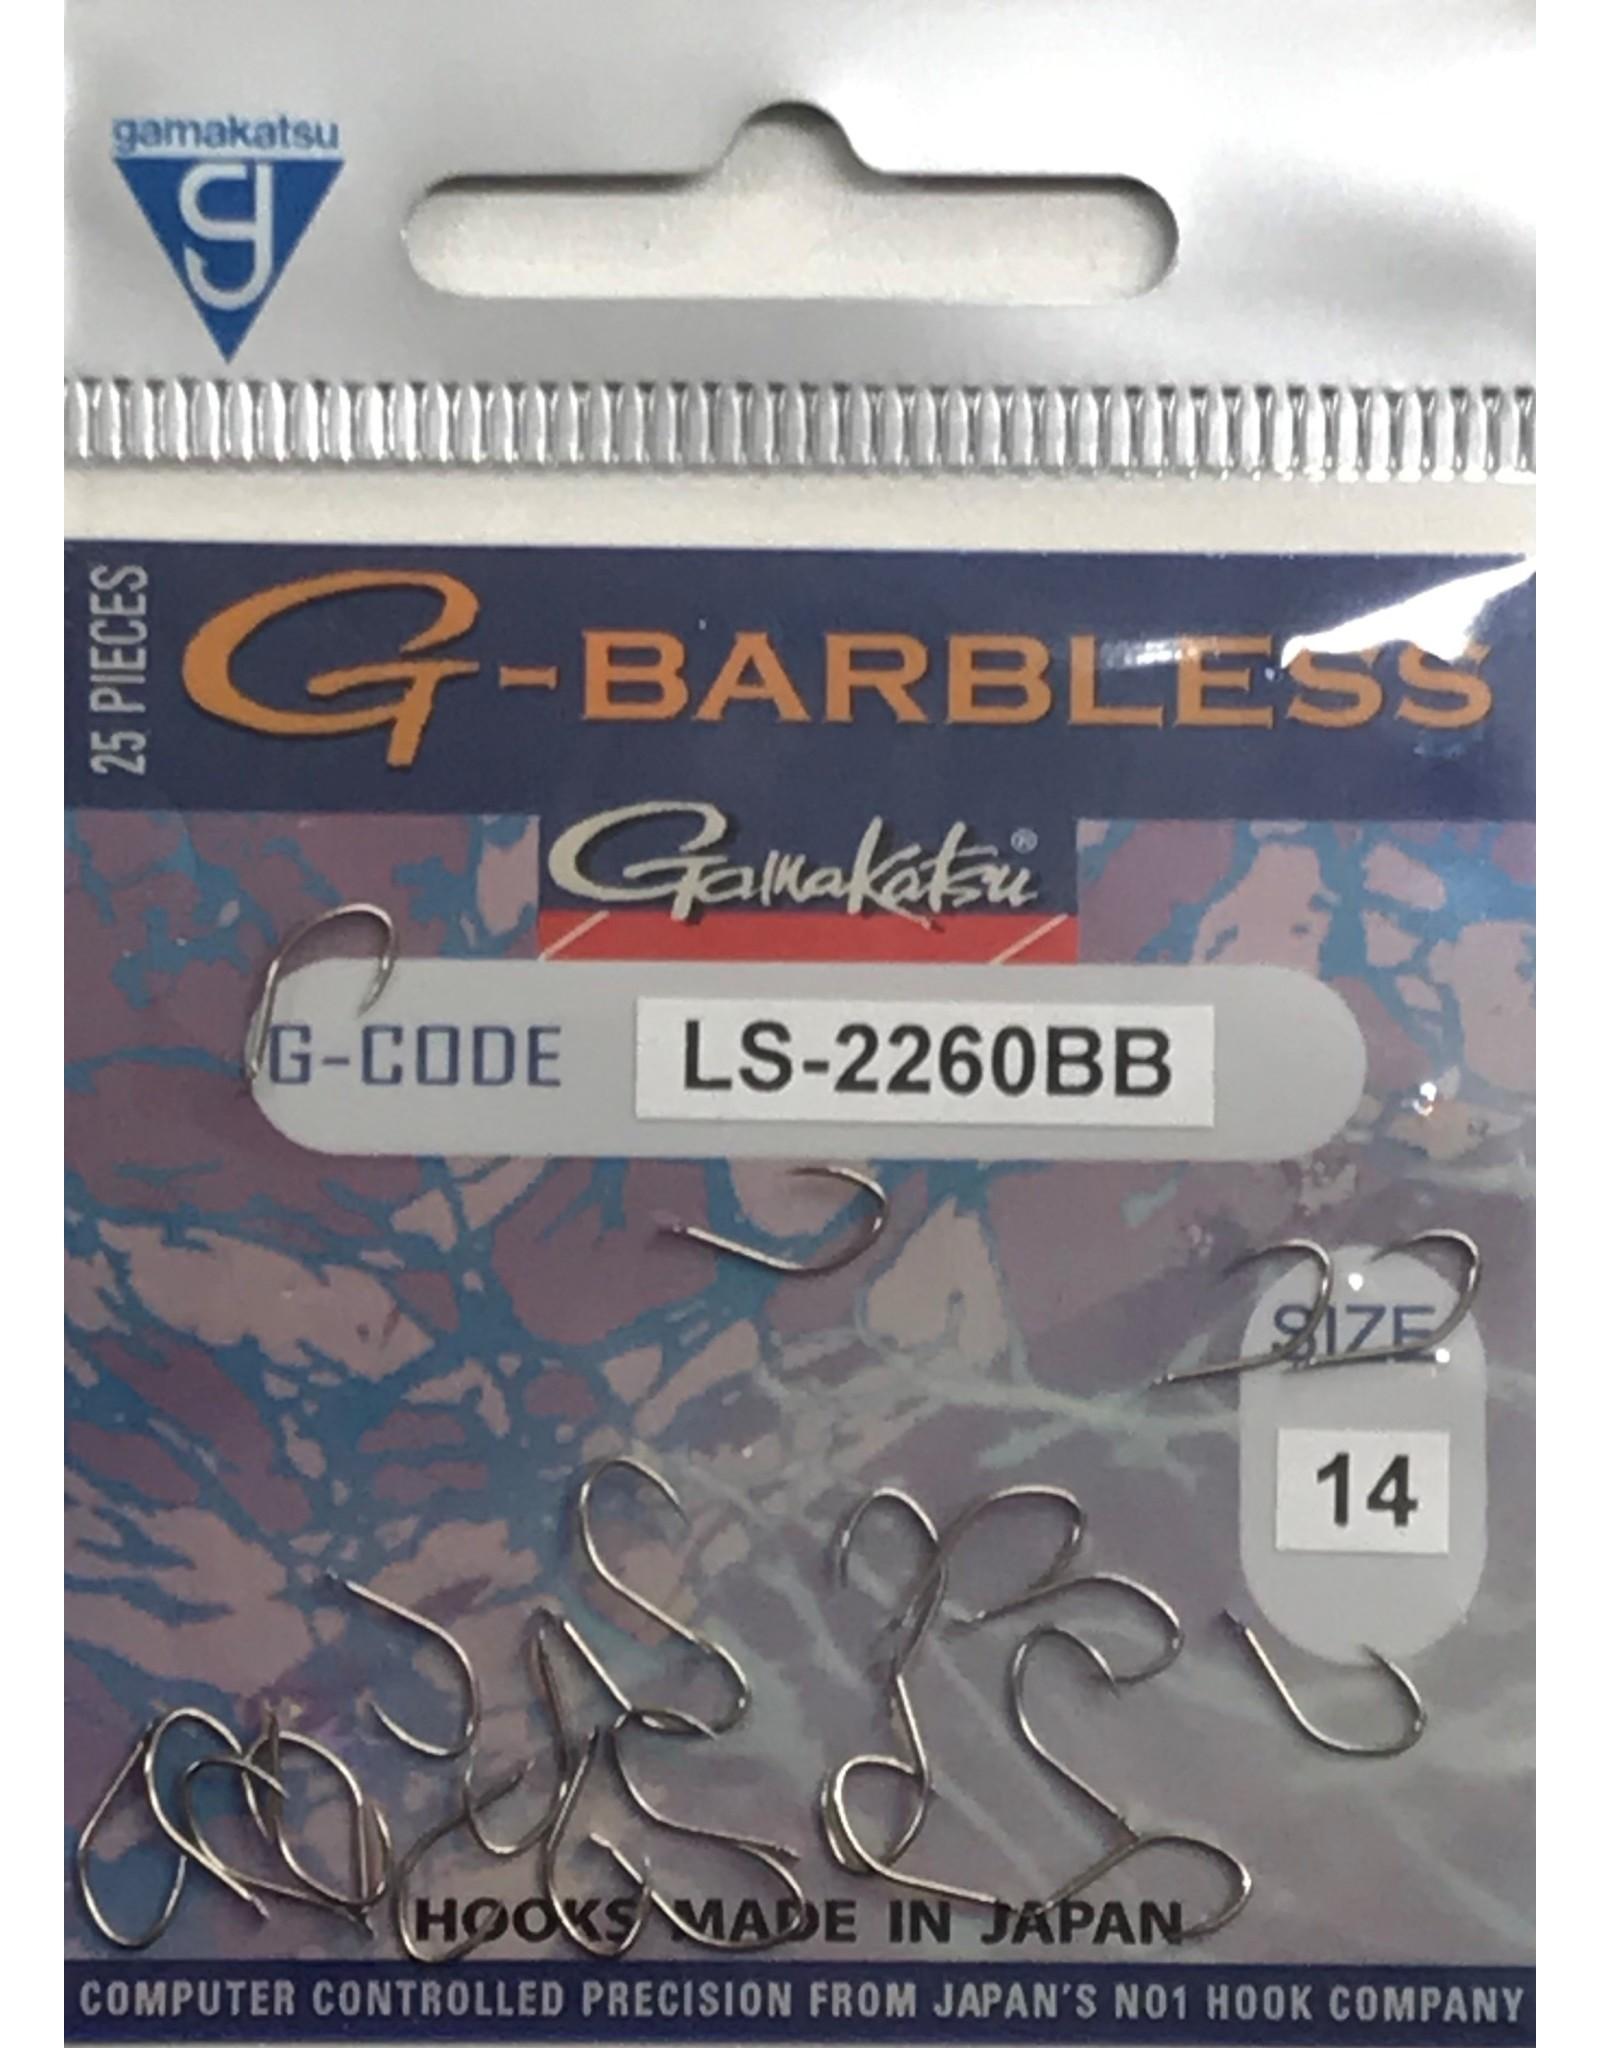 GAMAKATSU G-BARBLESS 2260BB HOOKS BRONZE